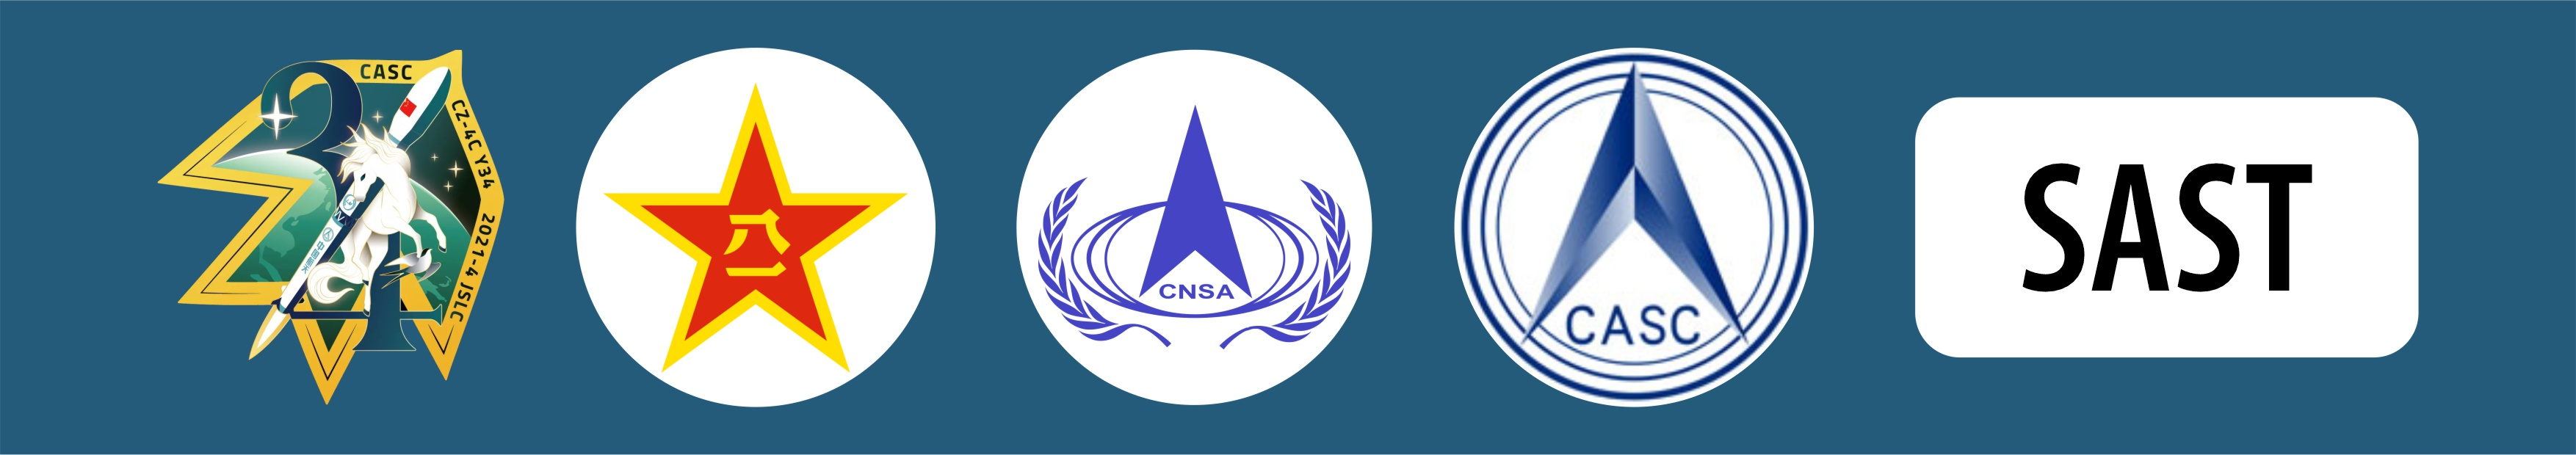 Эмблемы и нашивки миссии